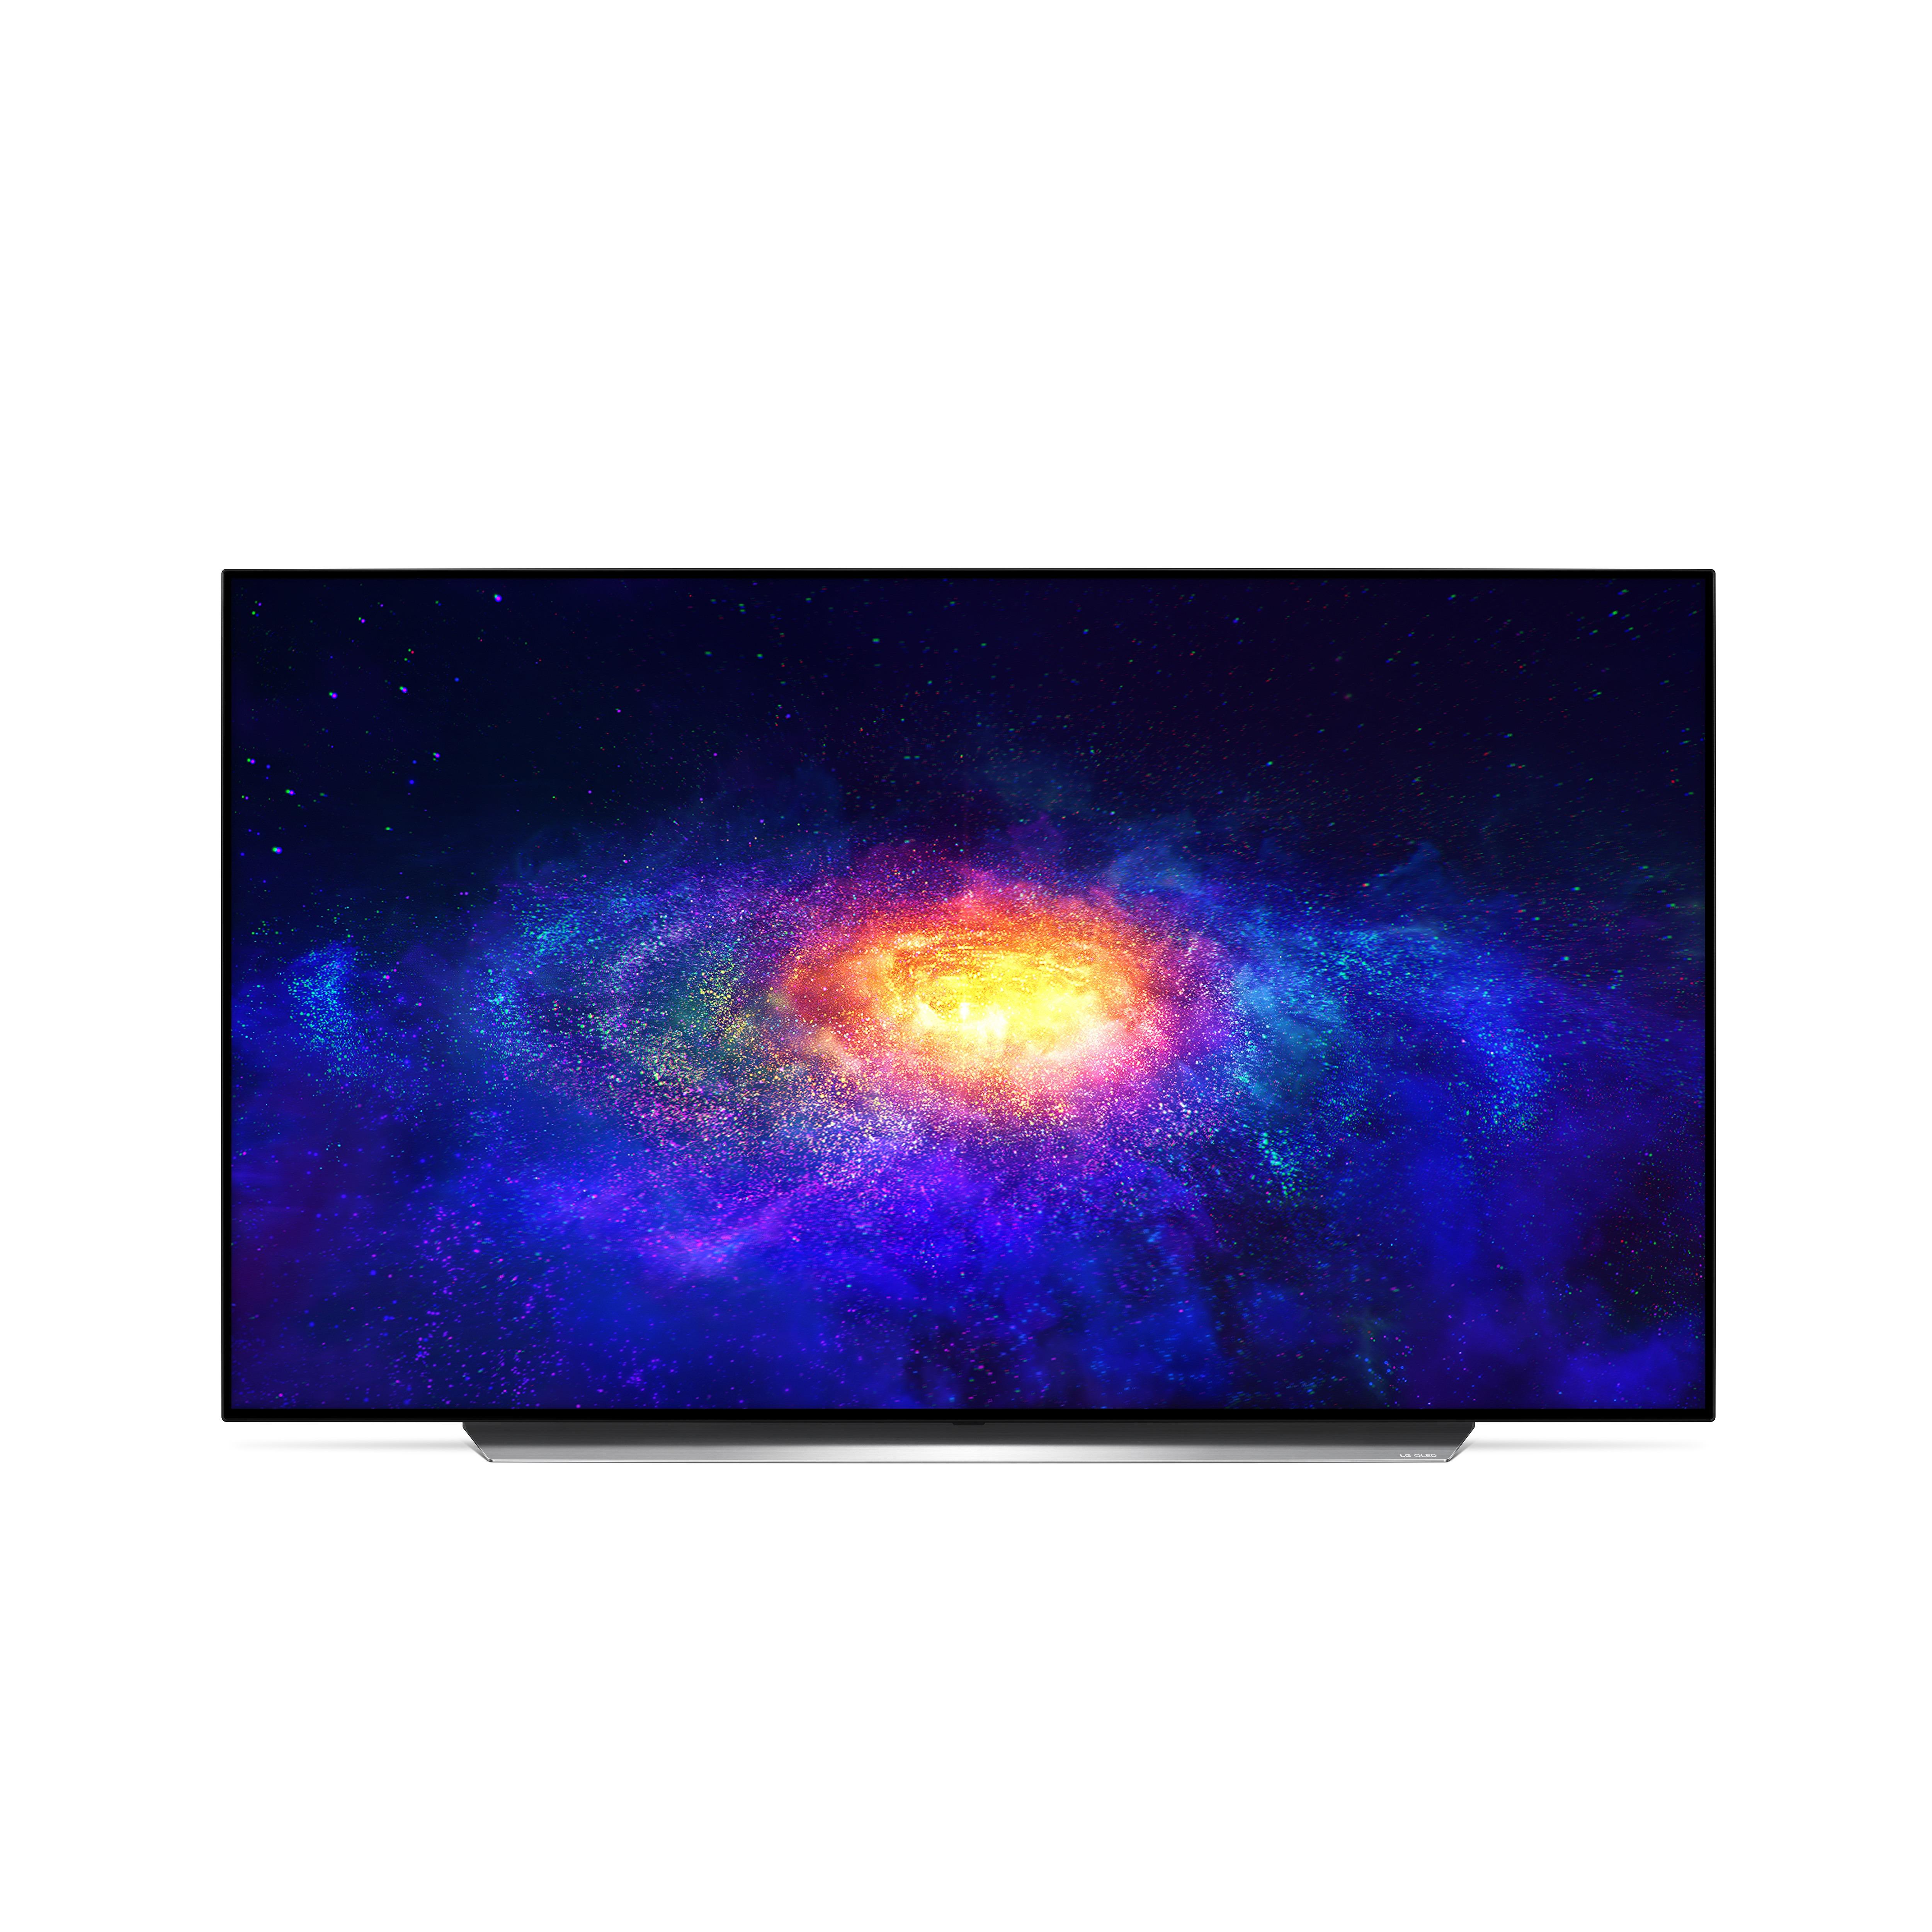 Op Perfect LCD is alles over televisie te vinden: waaronder expert en specifiek LG OLED65CX6LA 65 inch OLED TV